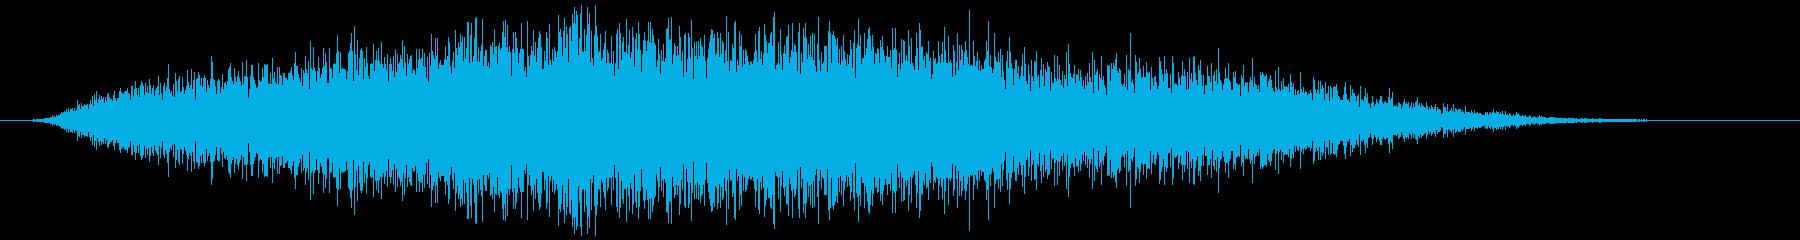 引き出し、ふすま(静かに開閉)ズスーッの再生済みの波形